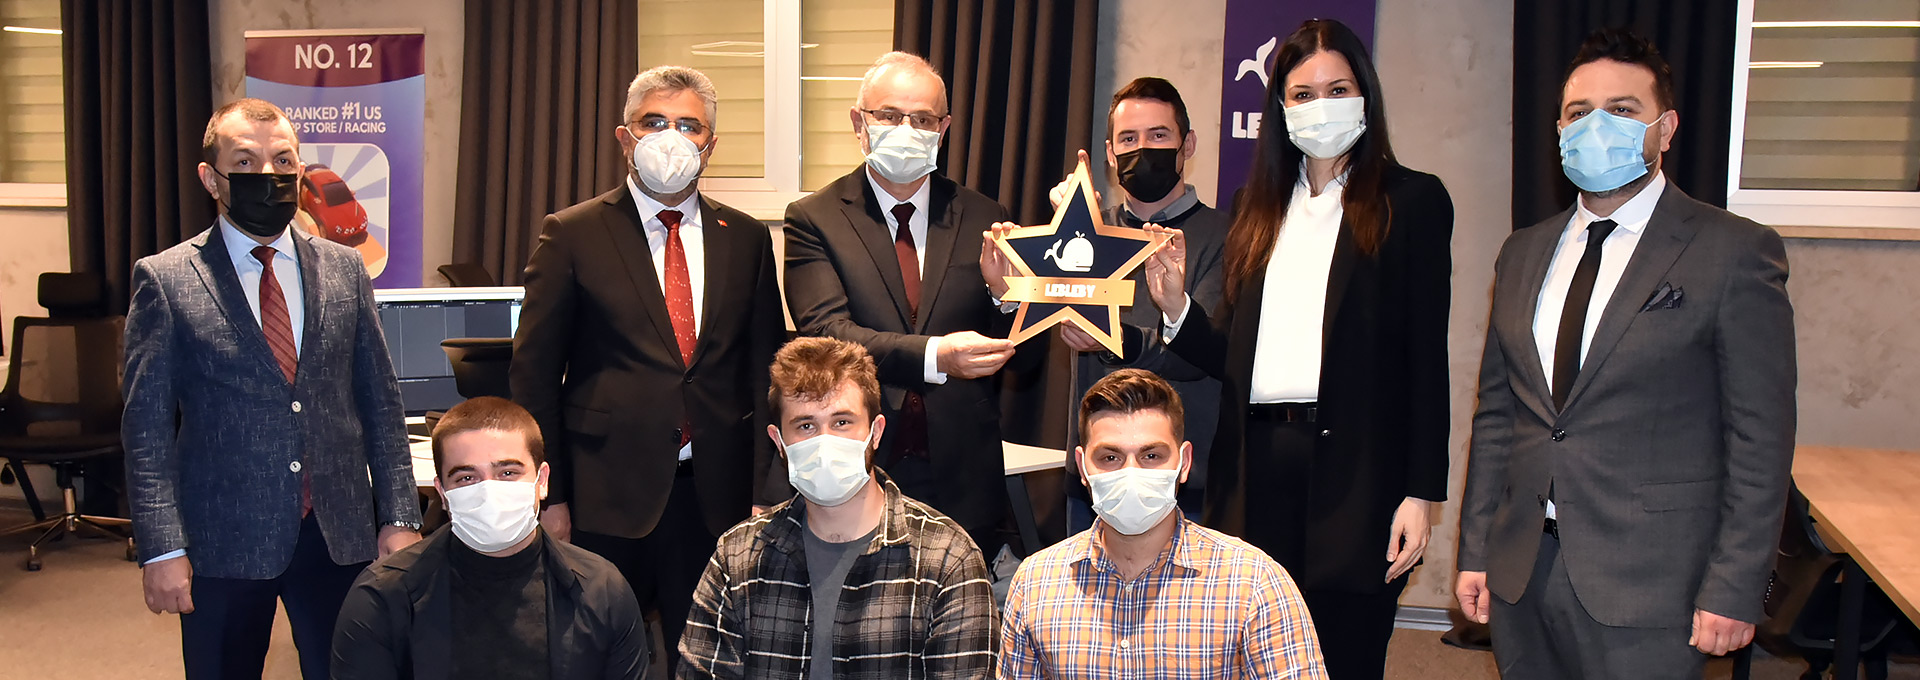 Milletvekili Karaaslan'dan Başarılı Teknopark Girişimcilerine Kutlama Ziyareti